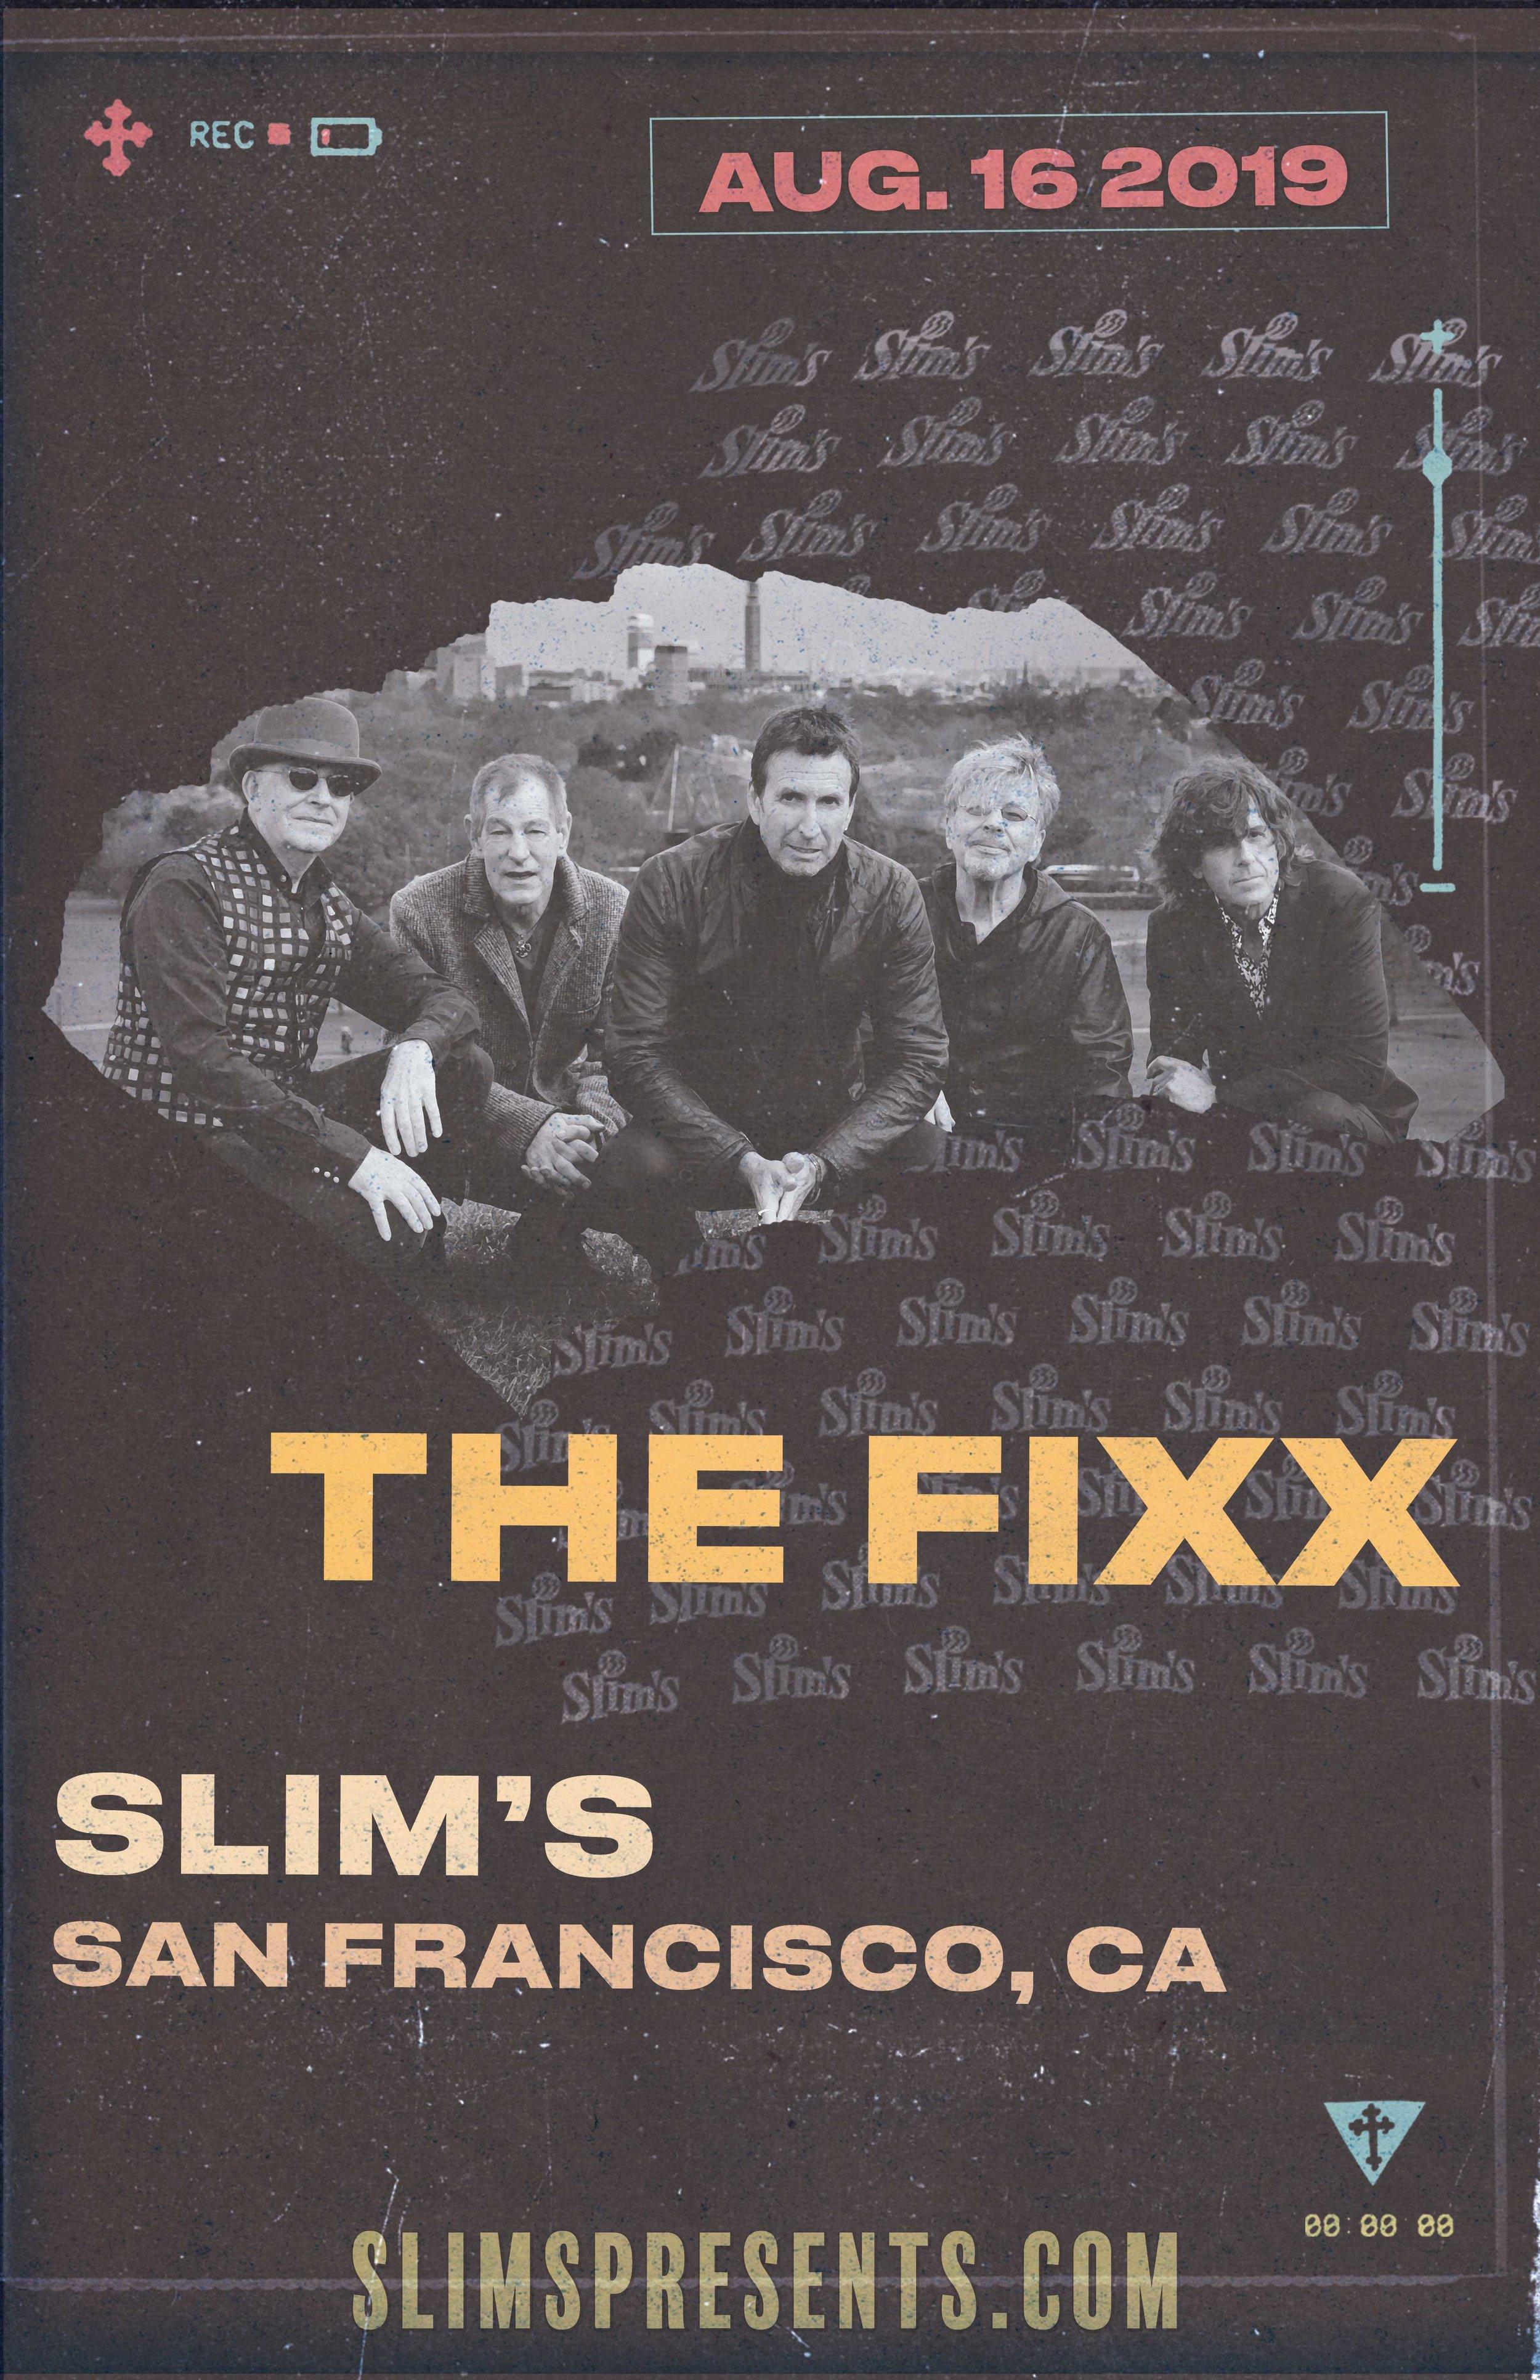 THEFIXX_LOCALIZED_Slims_11x17.jpg